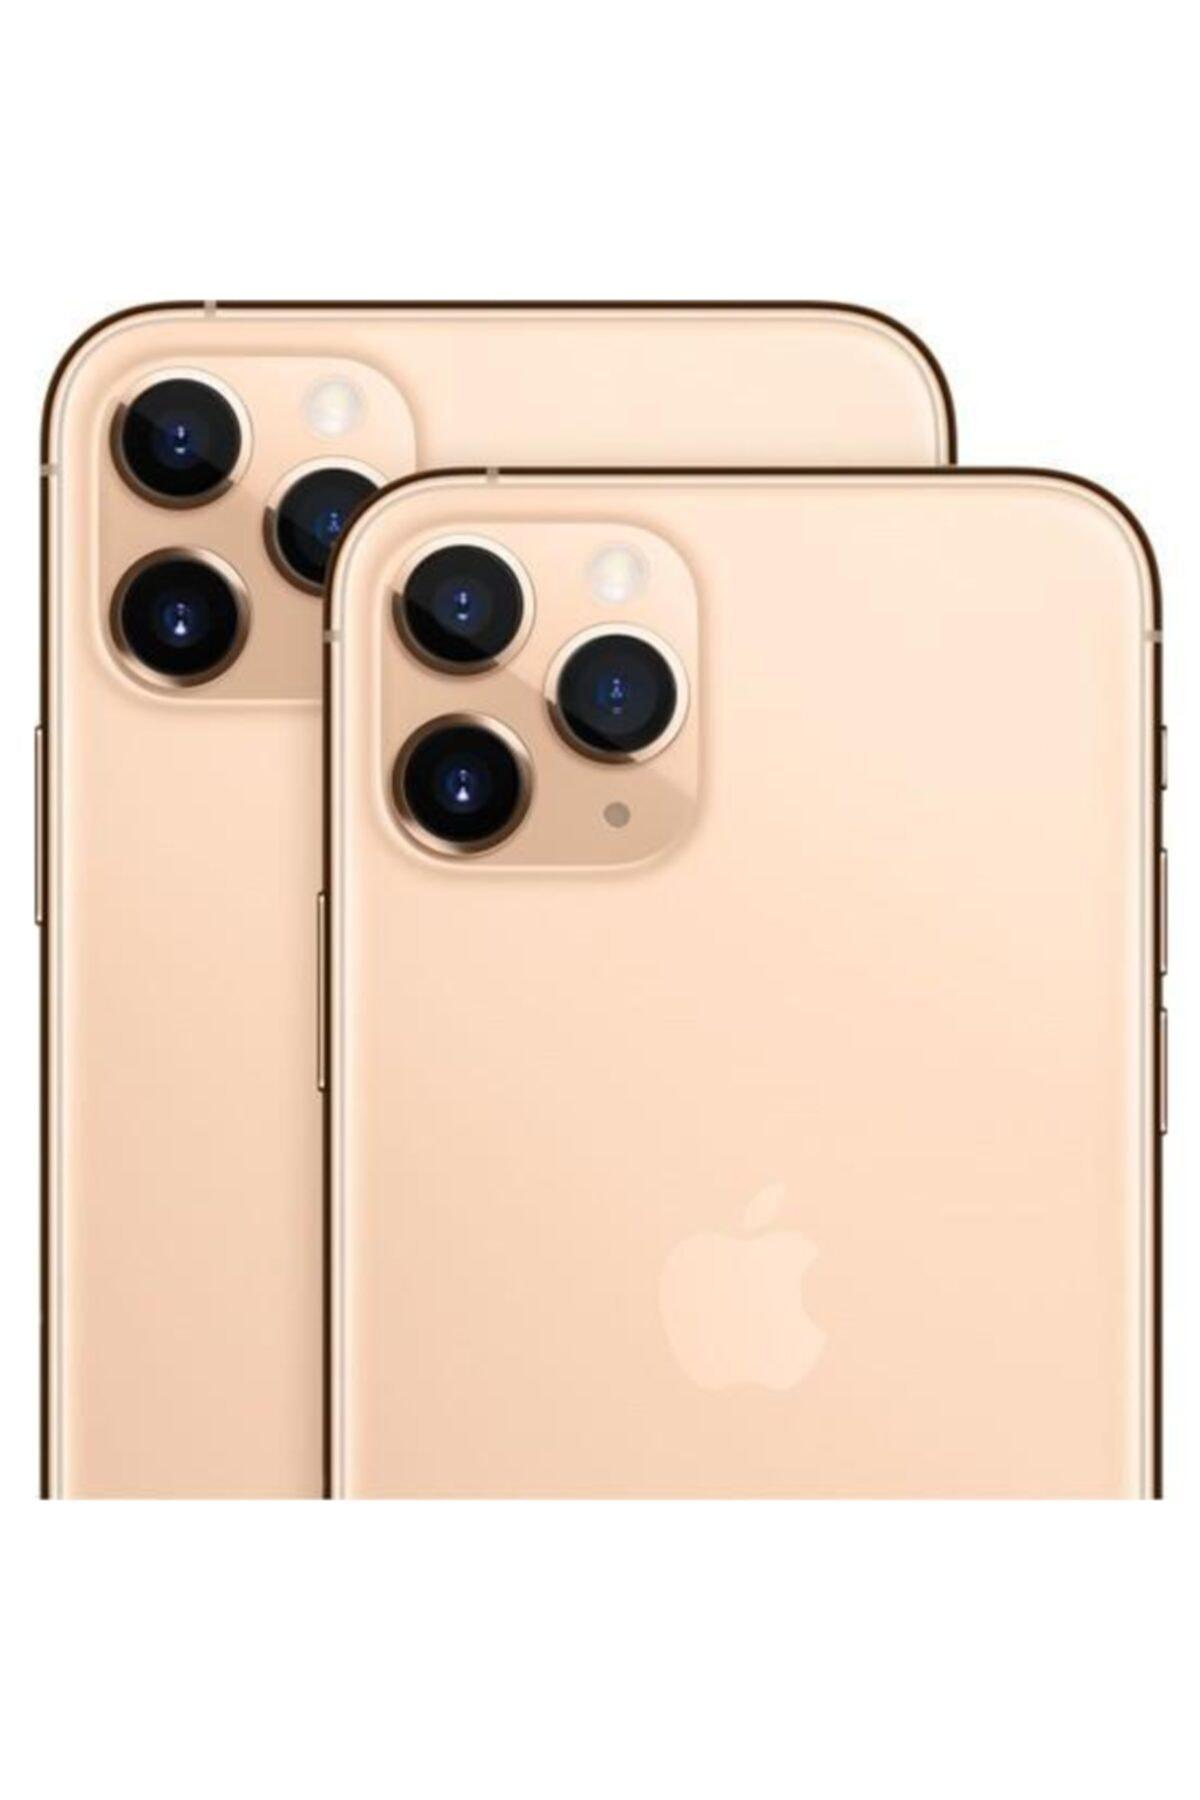 Apple iPhone 11 Pro 64GB Altın Cep Telefonu (Apple Türkiye Garantili) Aksesuarlı Kutu